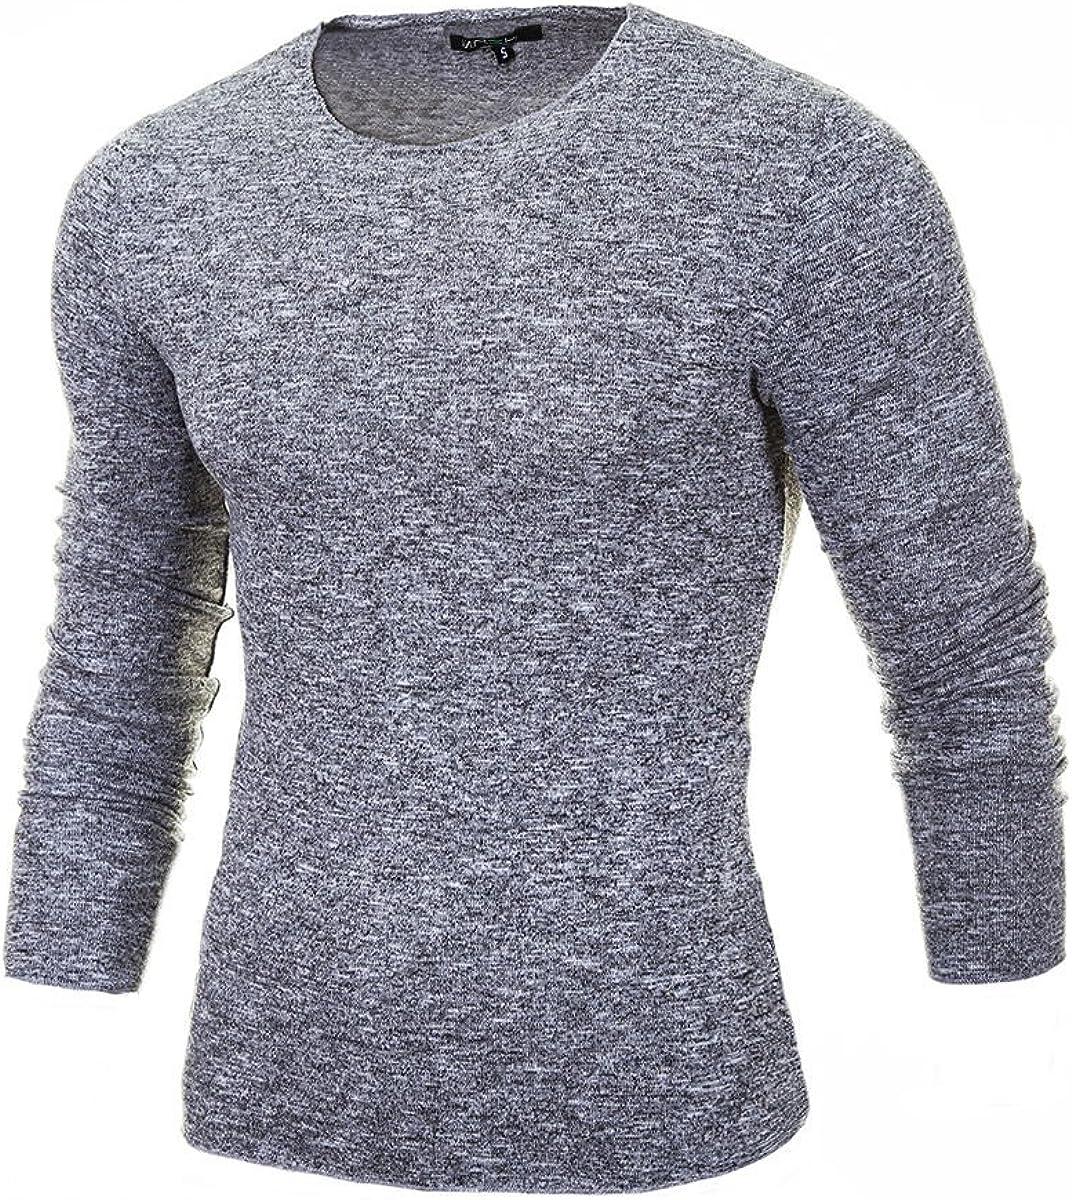 MERISH Jerséis para Hombre Cuello Redondo diseño Muy Bonito Slim Fit Conveniente para Todas Las Ocasiones, Modell 306